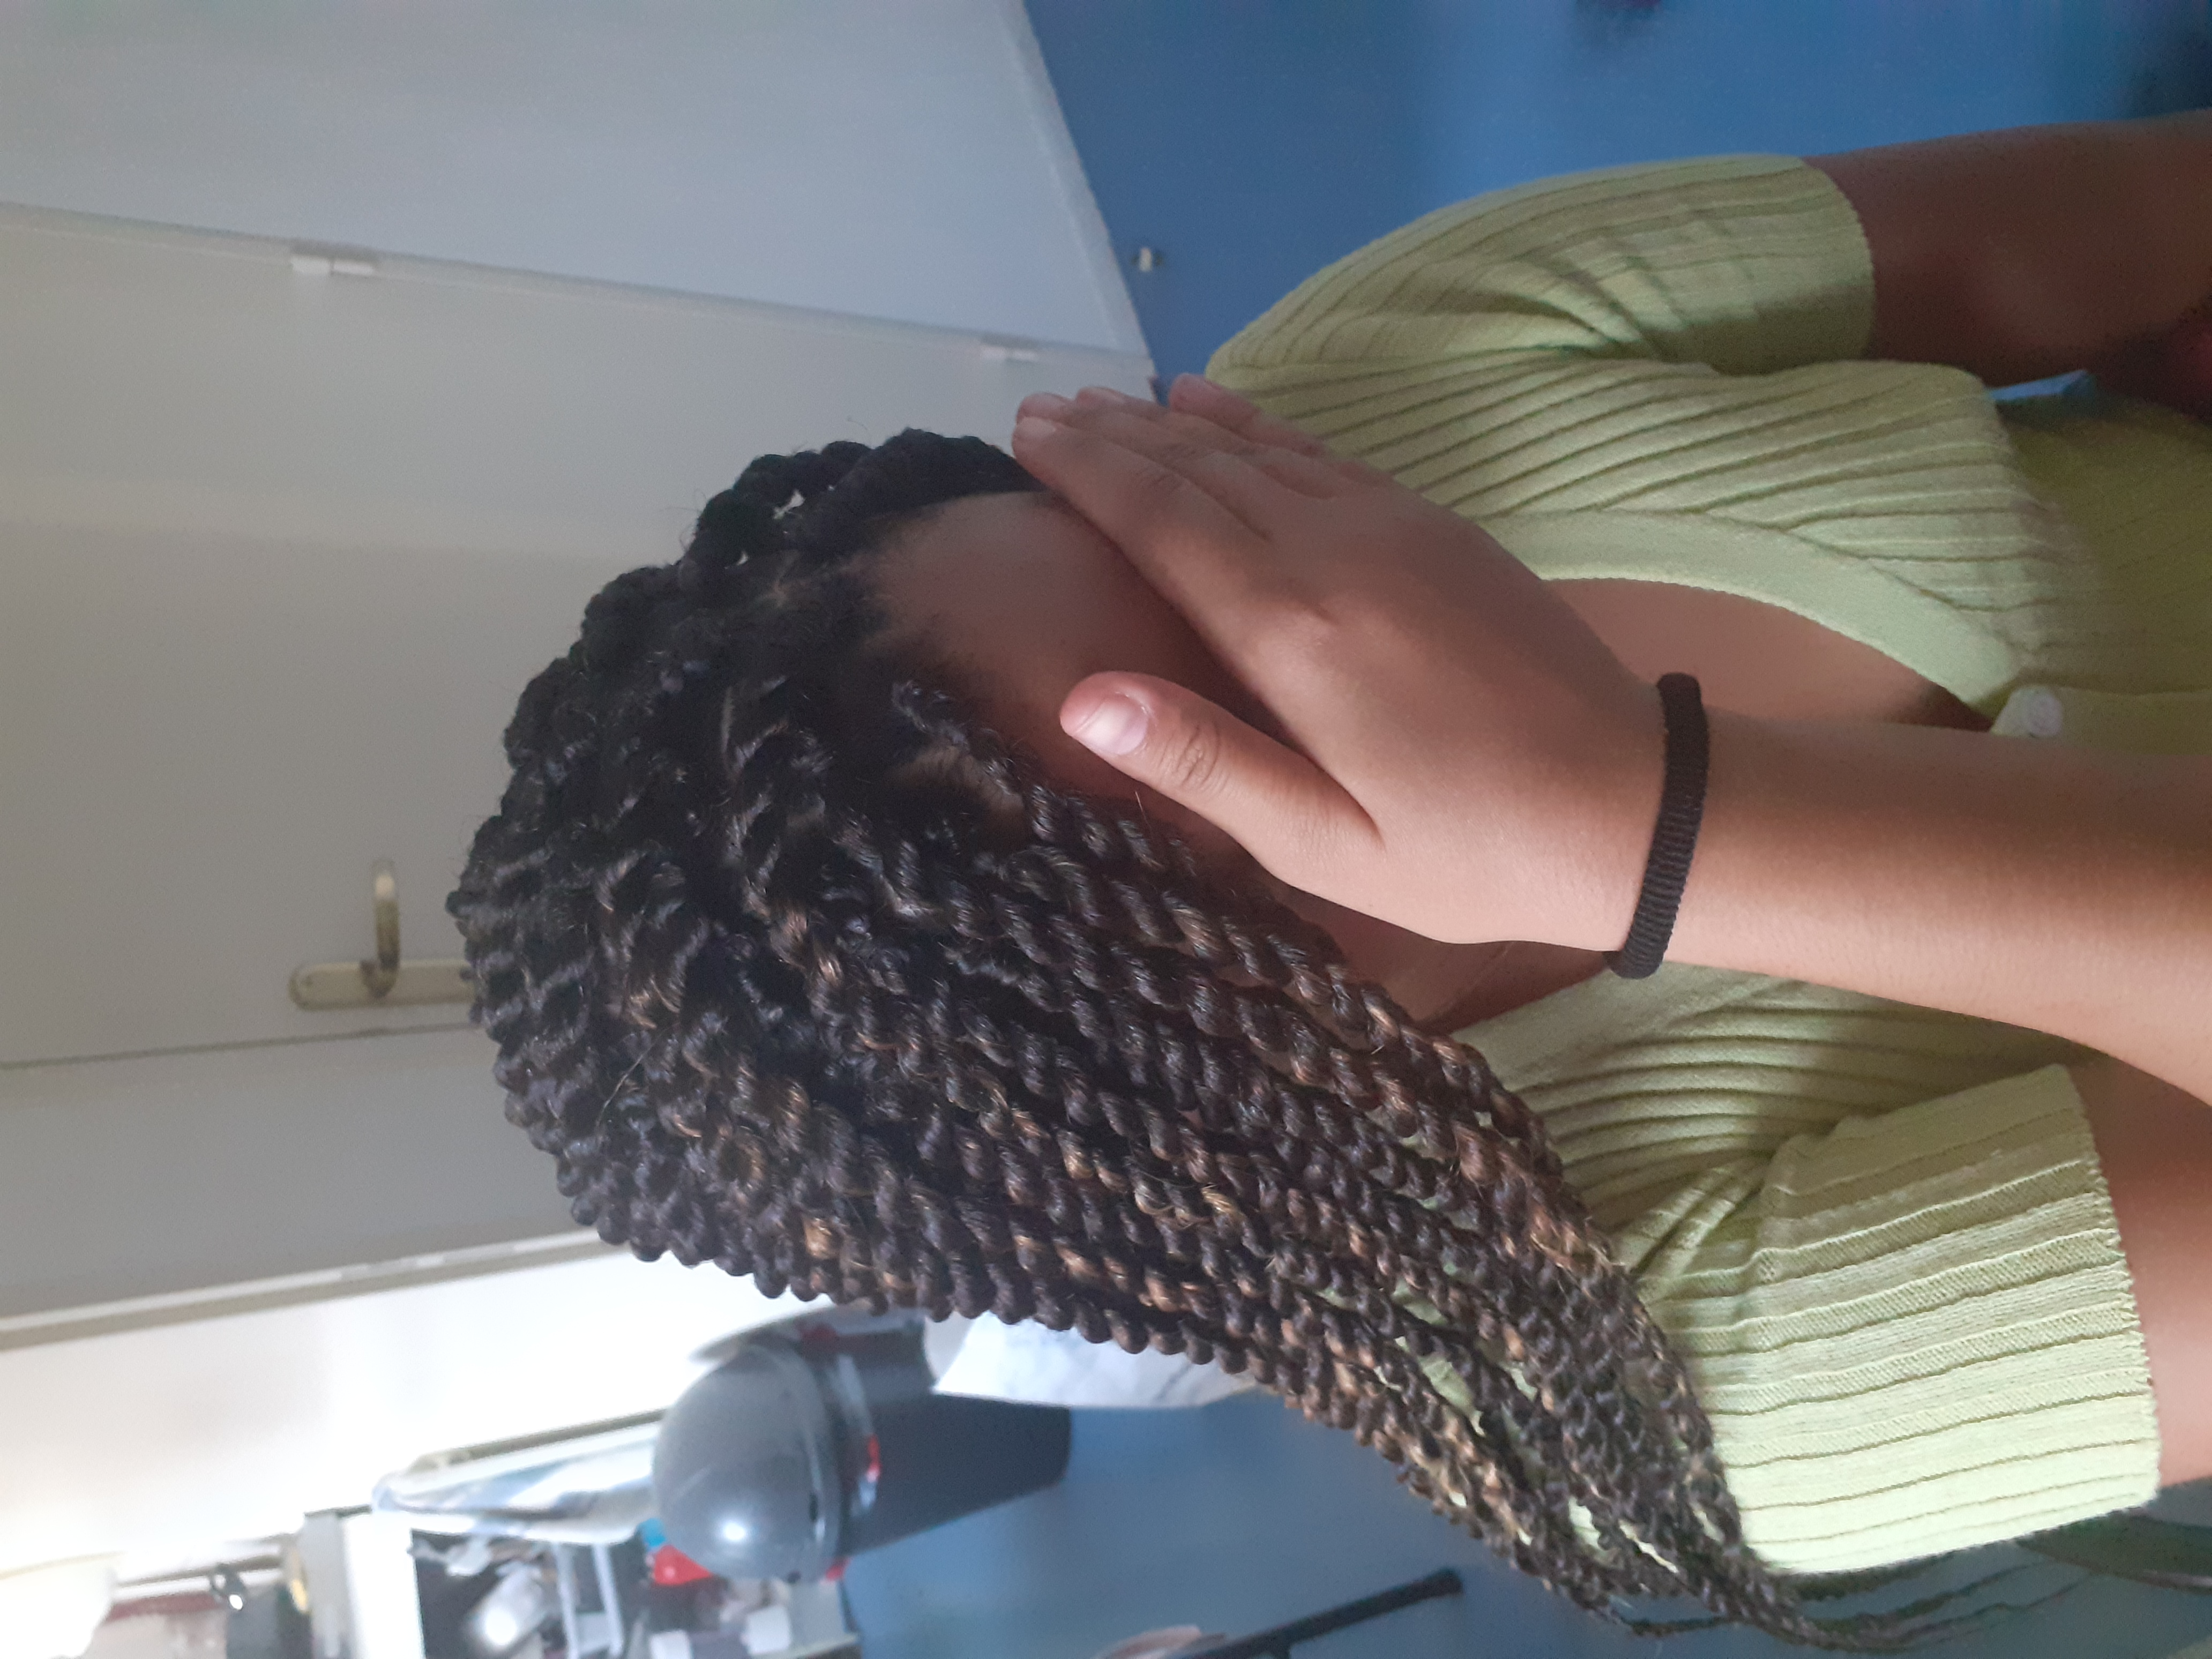 salon de coiffure afro tresse tresses box braids crochet braids vanilles tissages paris 75 77 78 91 92 93 94 95 KVLZTHNK